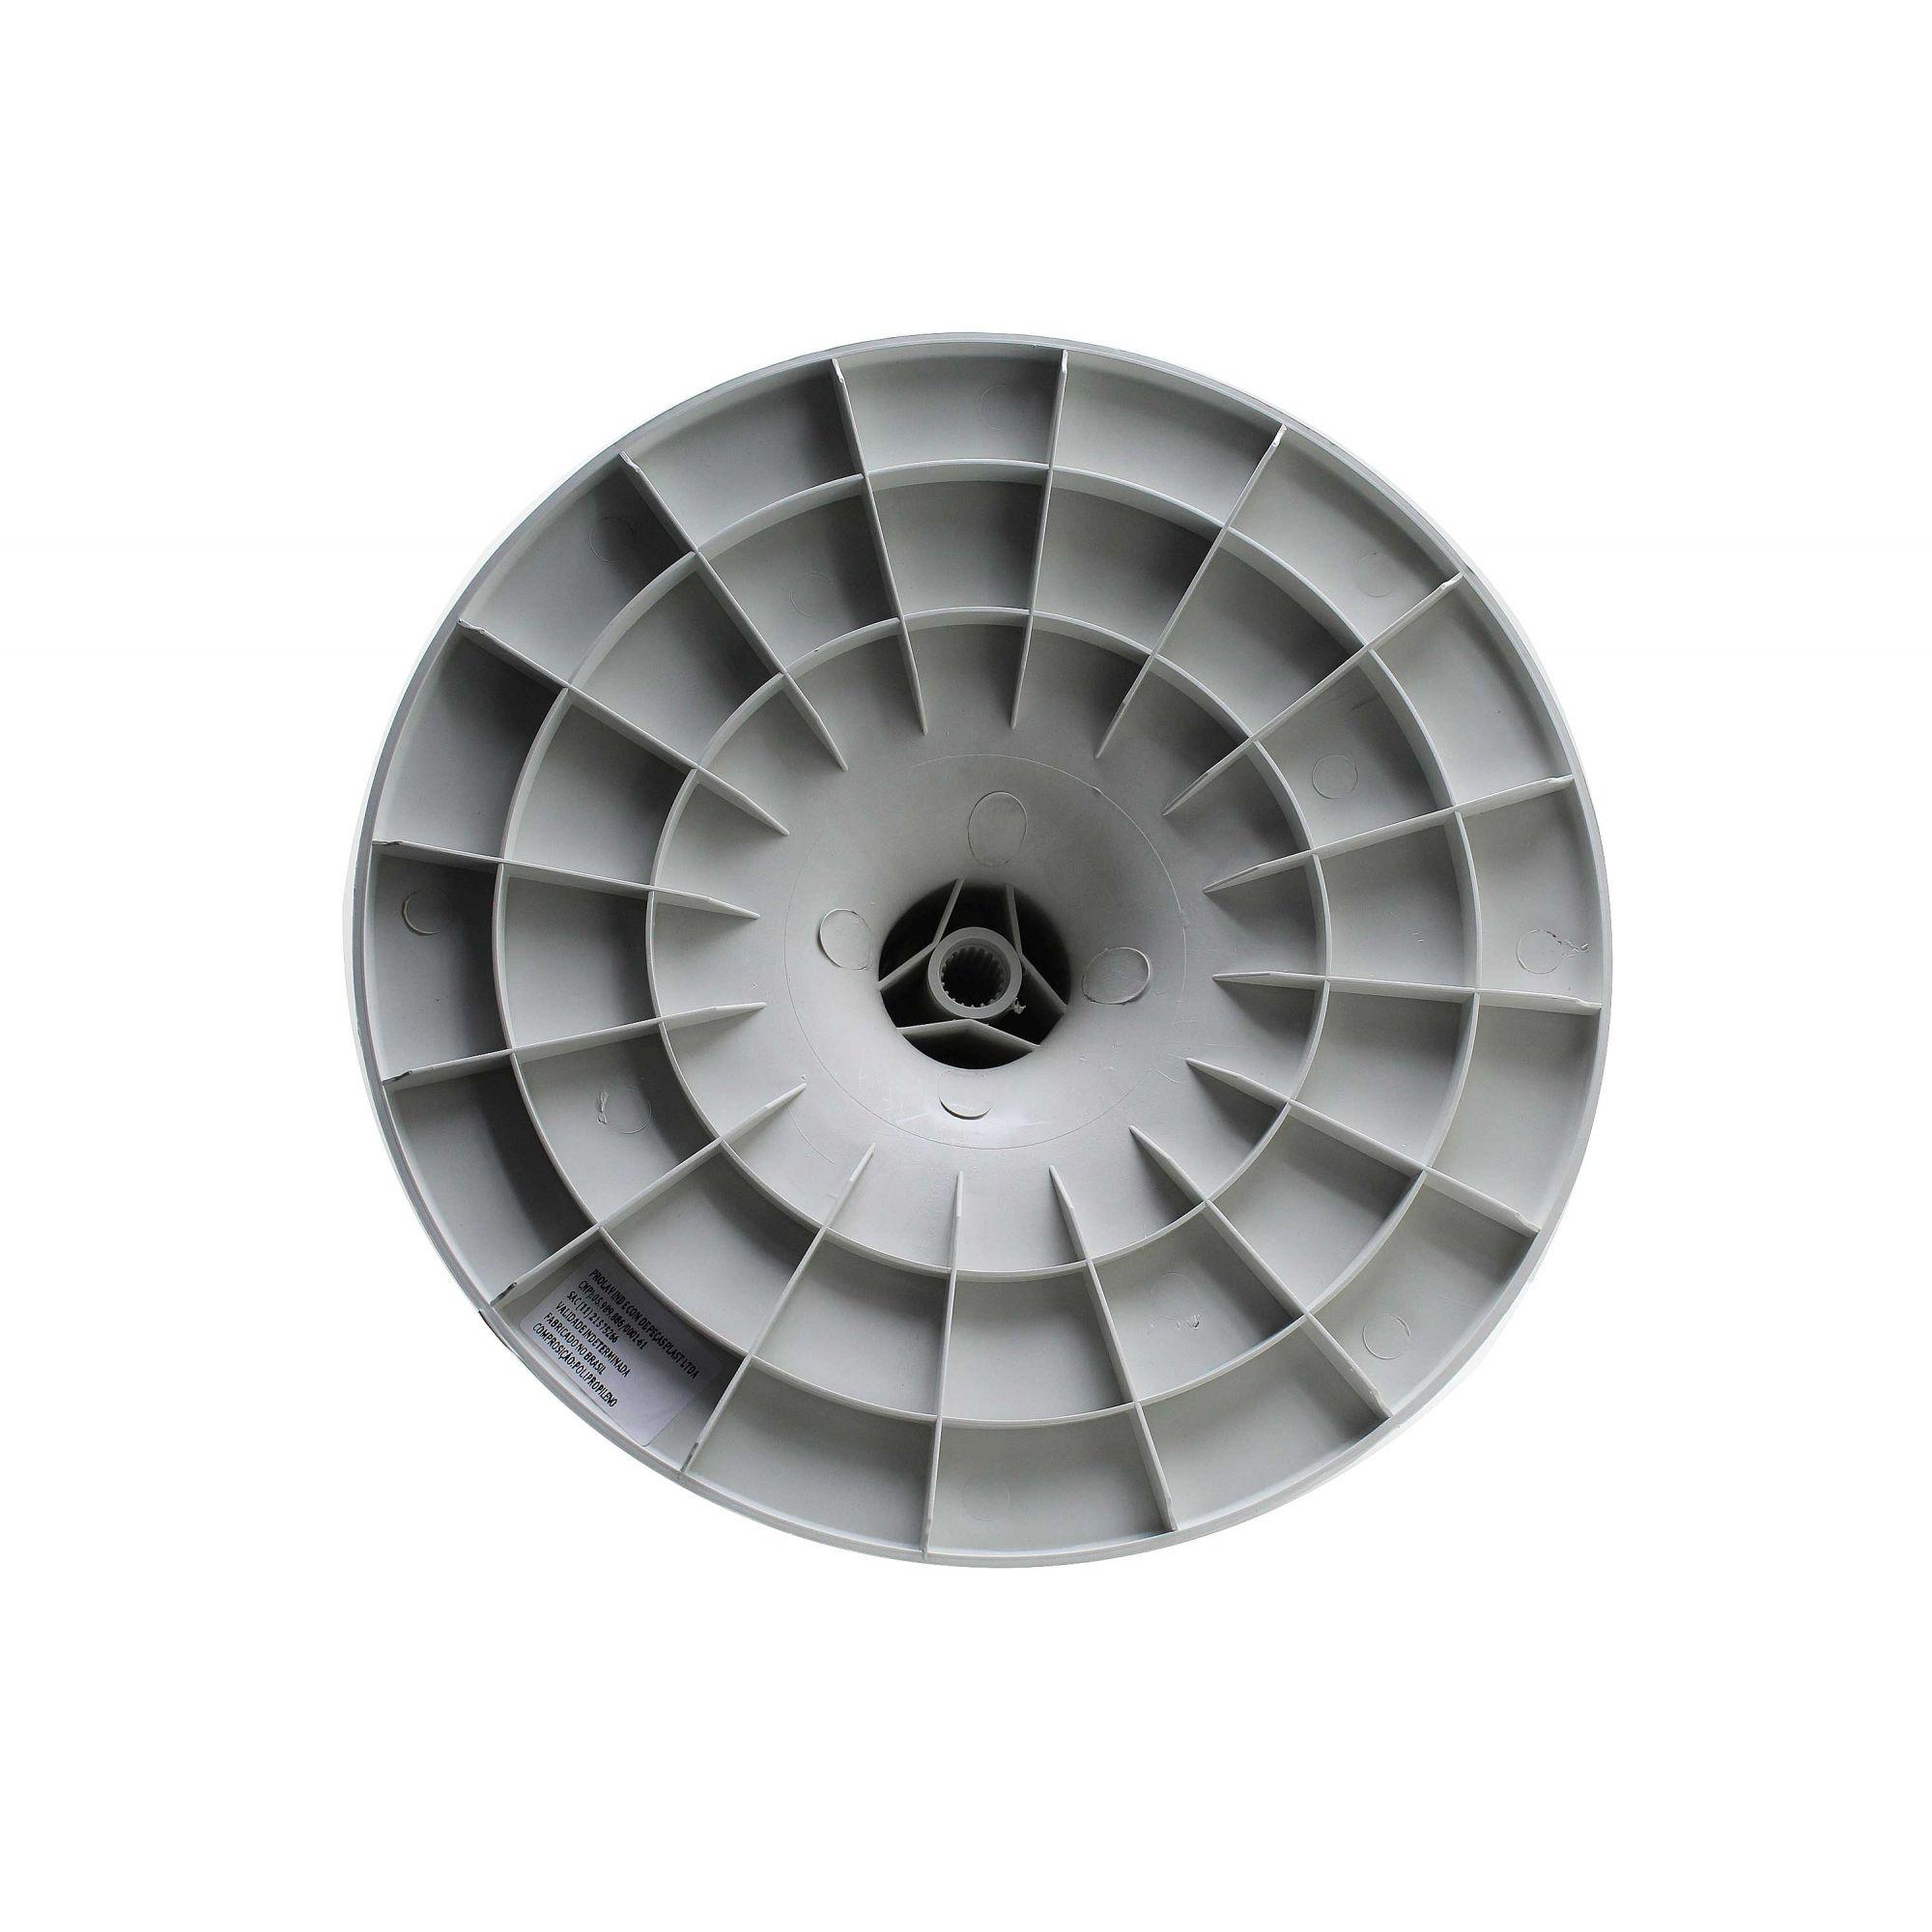 Agitador 8Pas Com Dispenser Lavadora Brastemp Consul 326050331 Burdog